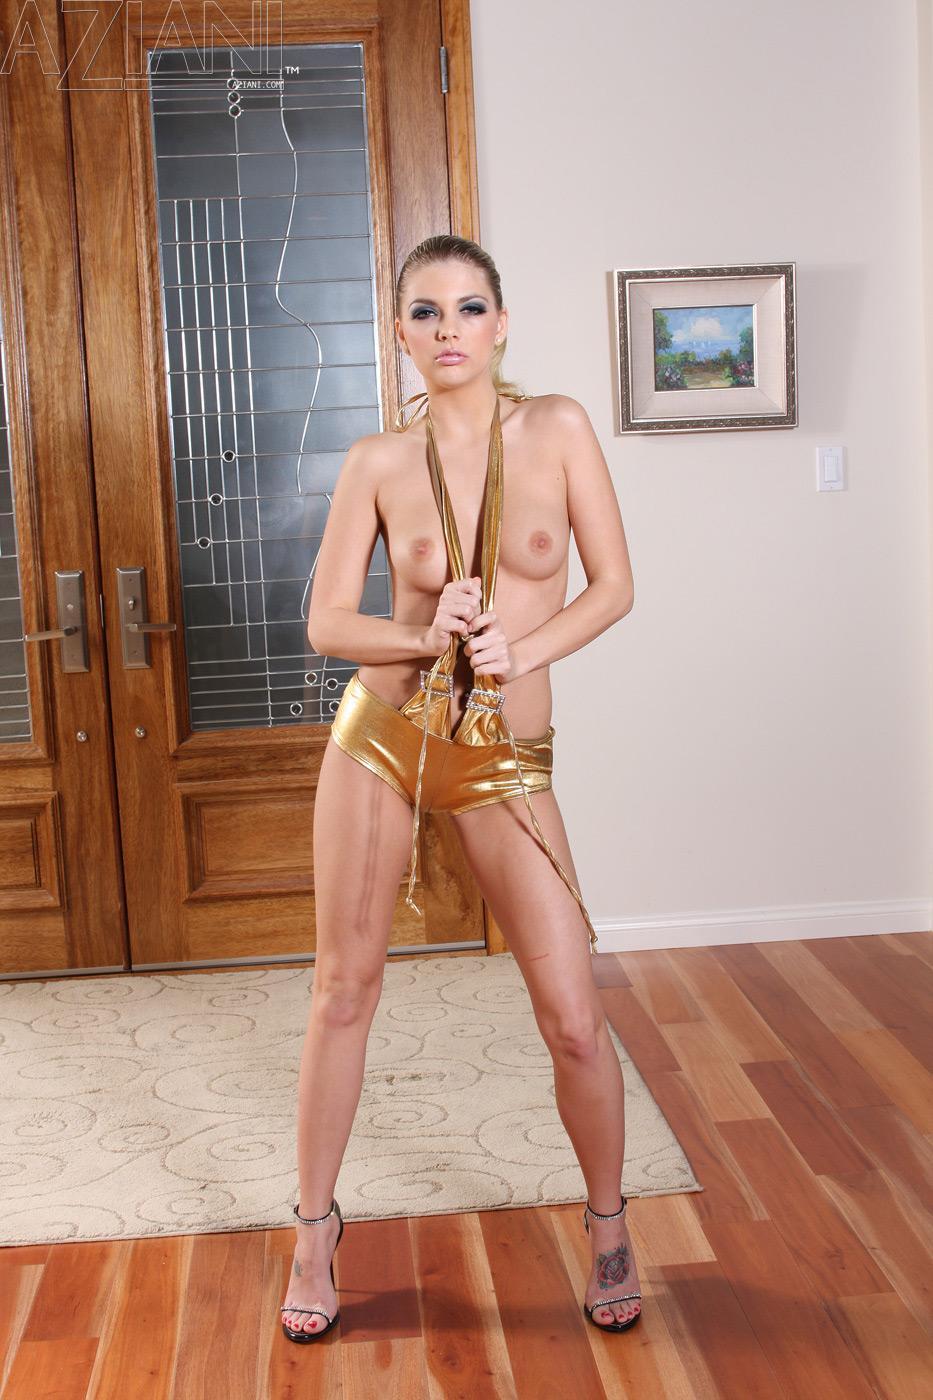 Развратная кошечка Jana Jordan стаскивает свой золотой костюм и разводит свою ухоженную пизду